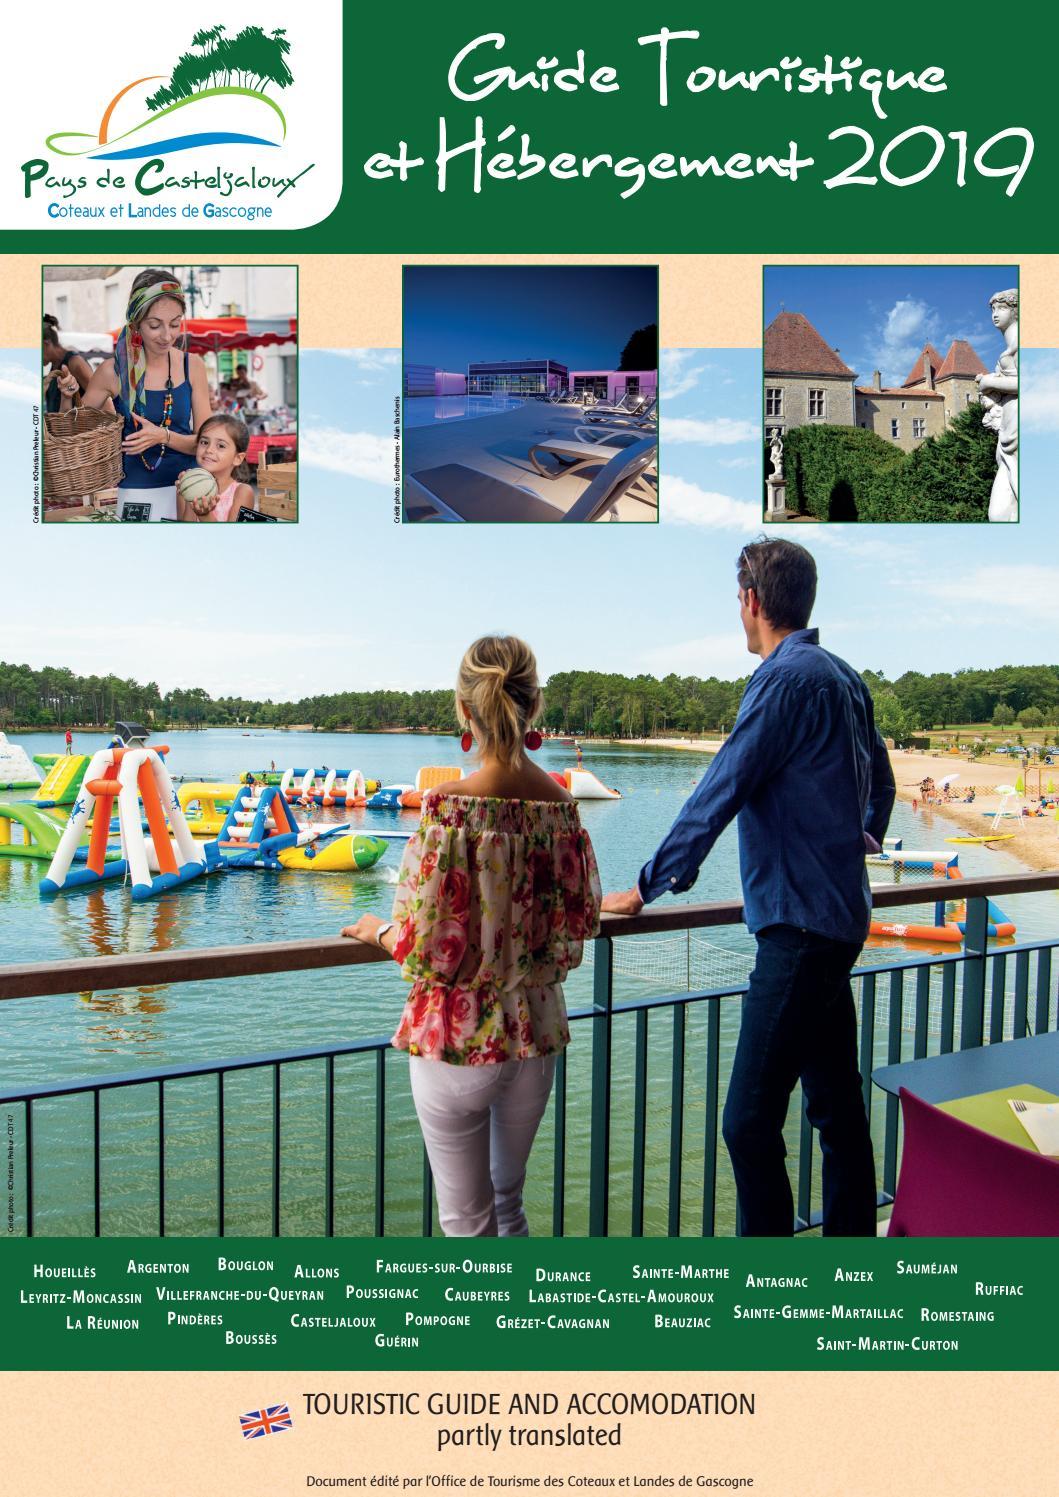 Guide touristique et h bergements 2019 pays de - Office tourisme casteljaloux ...